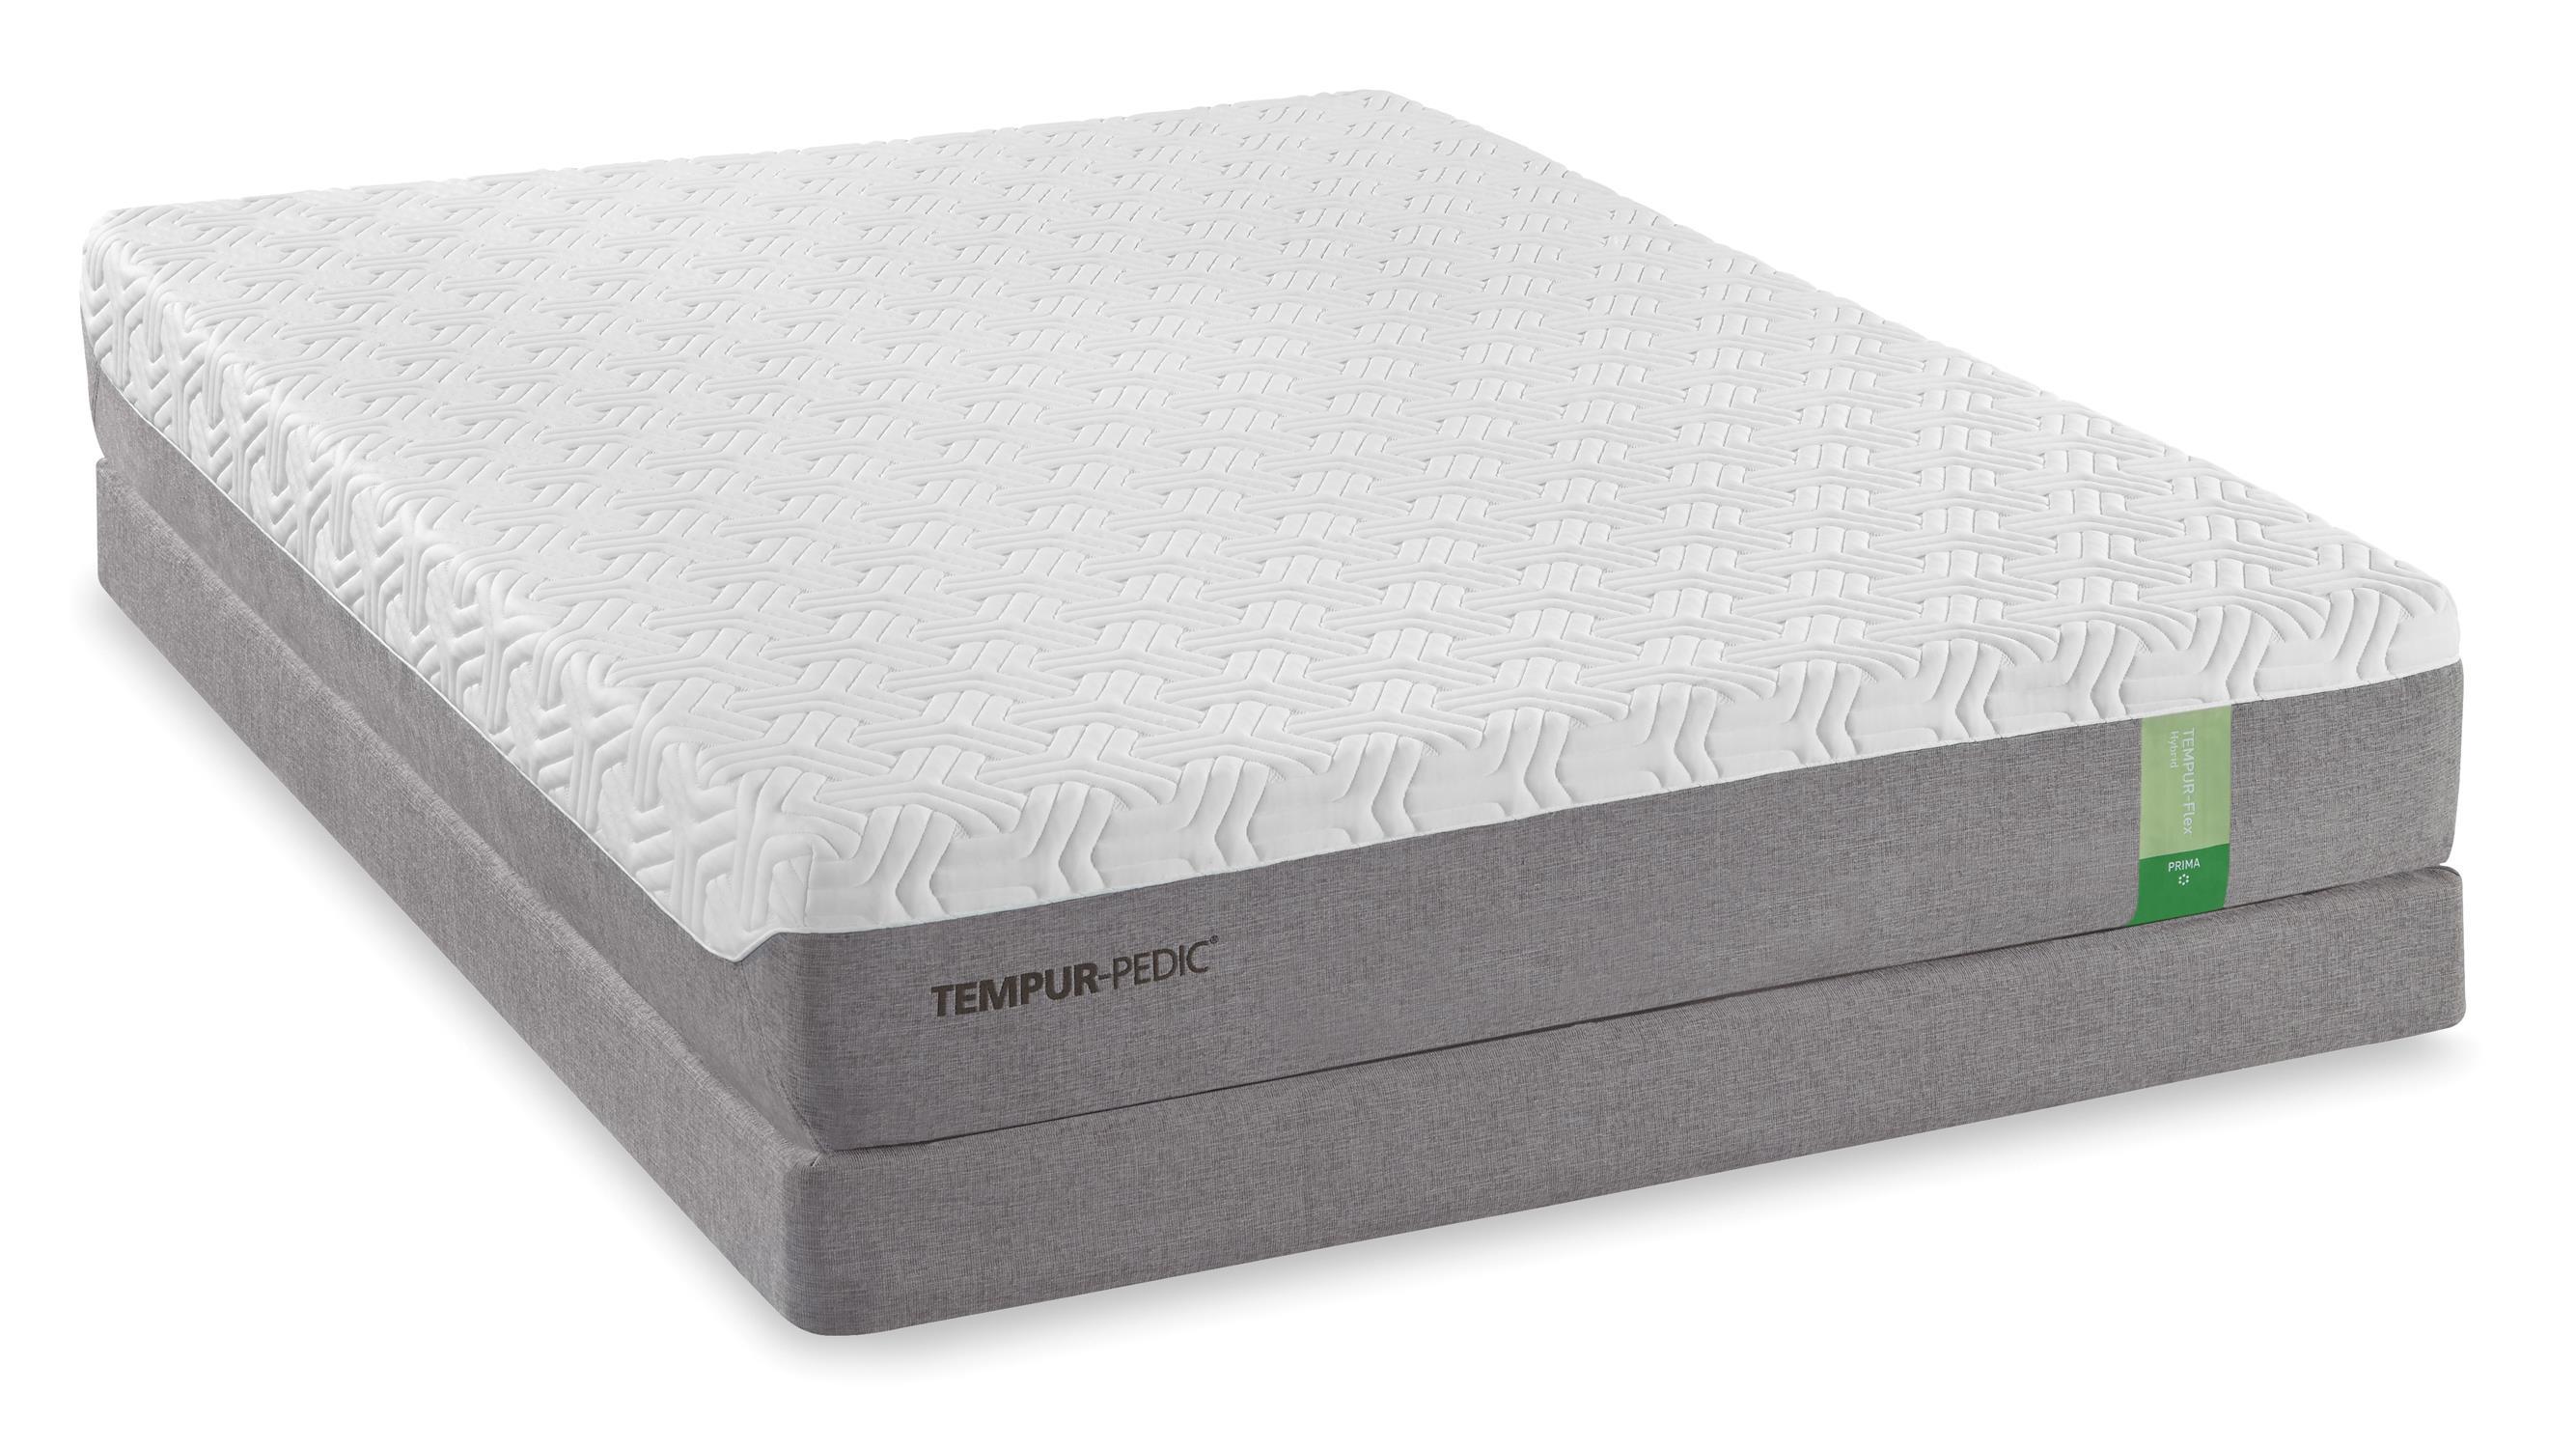 Tempur-Pedic® TEMPUR-Flex Prima Queen Medium Firm Mattress Set - Item Number: 10115250+21510150